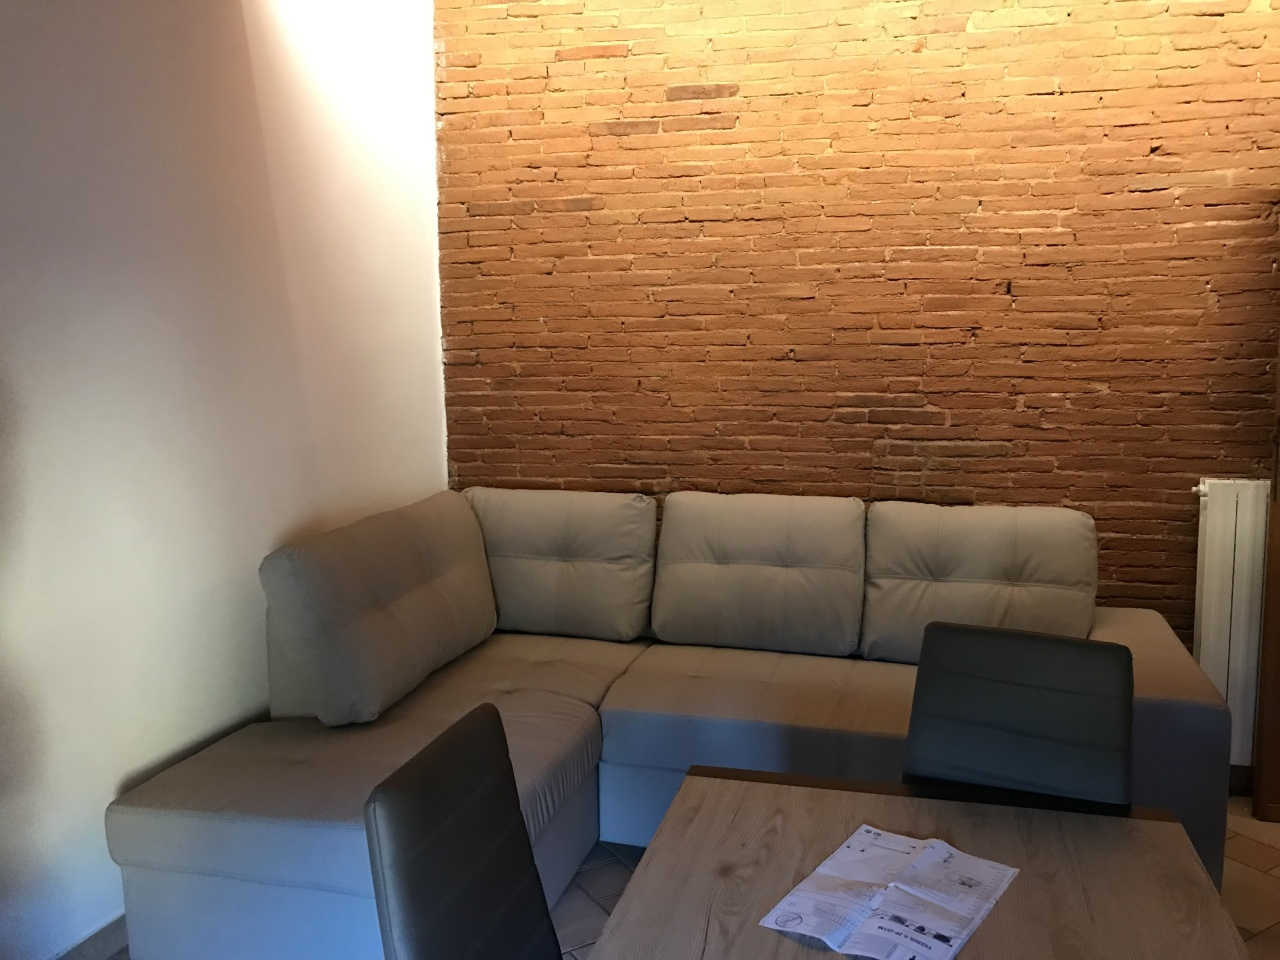 Attico / Mansarda arredato in affitto Rif. 11100670